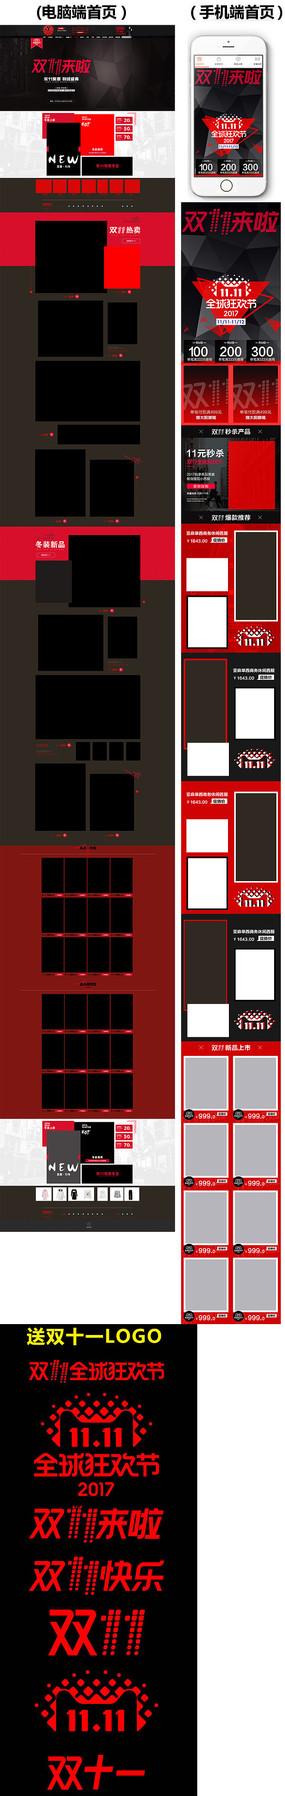 天猫整套时尚黑色双十一首页模板